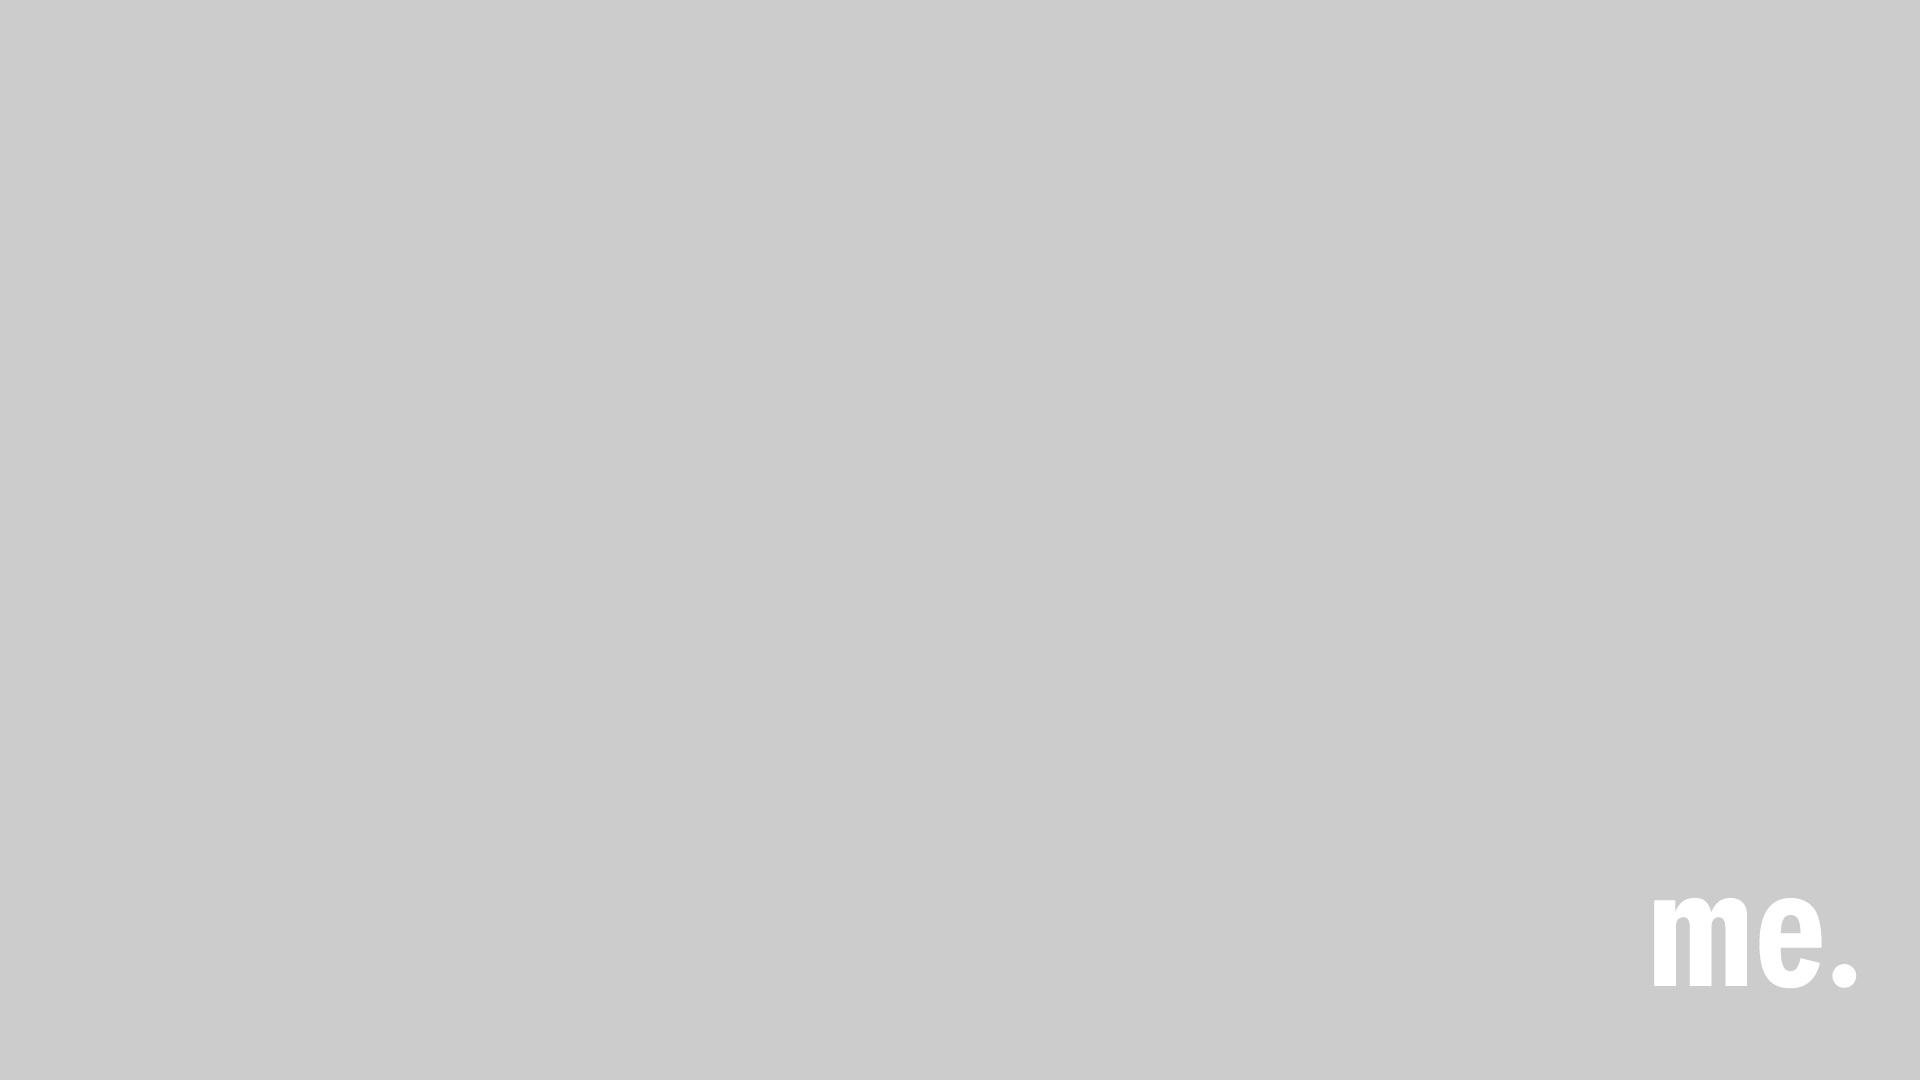 Am 8. April 2016 erscheint CLEOPATRA, das zweite Studioalbum von The Lumineers.